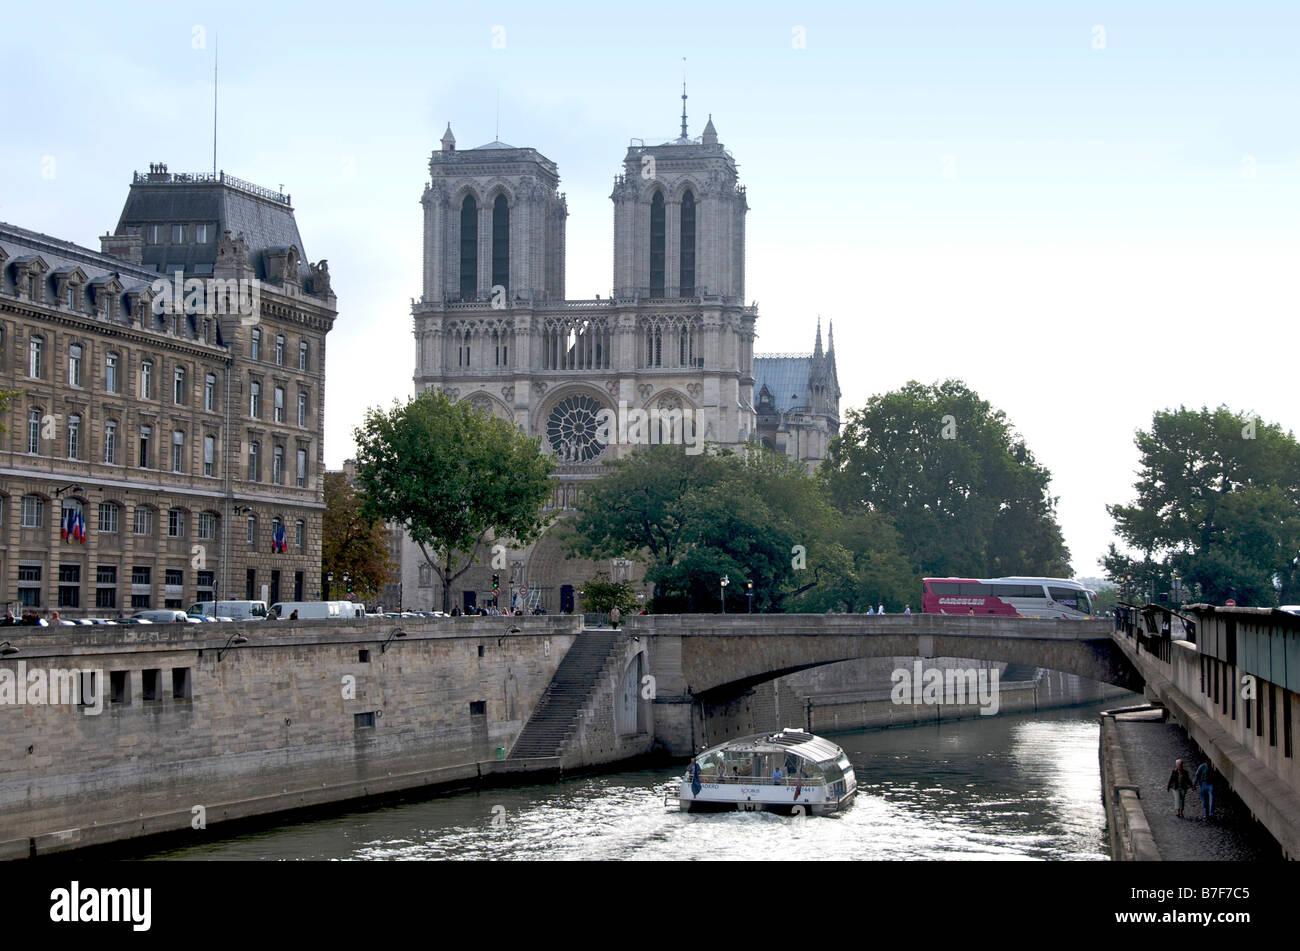 Notre Dame de Paris. France - Stock Image